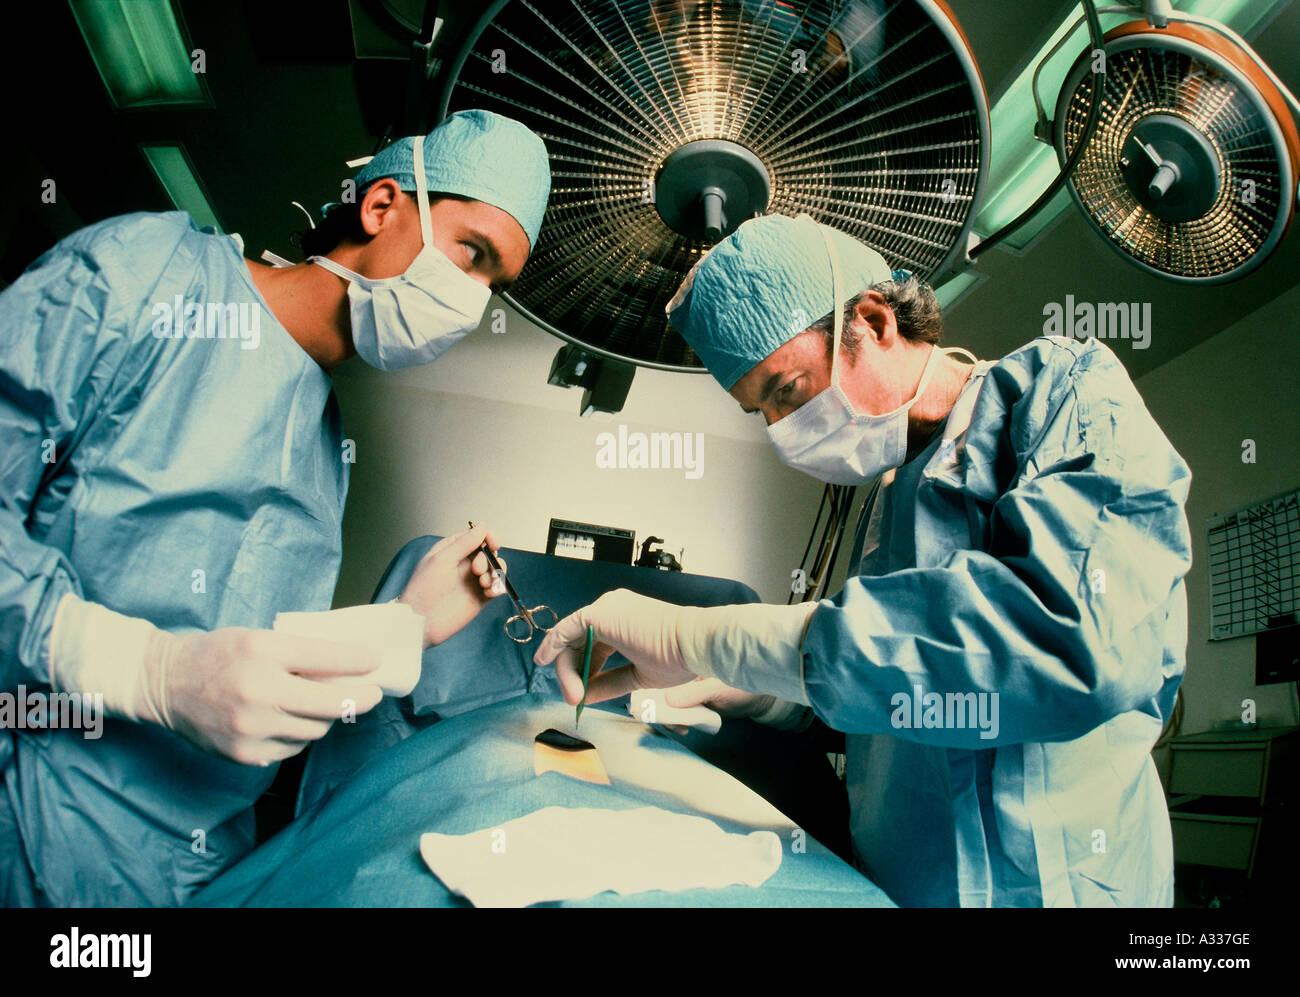 Los cirujanos la operación señor 4B3 Imagen De Stock